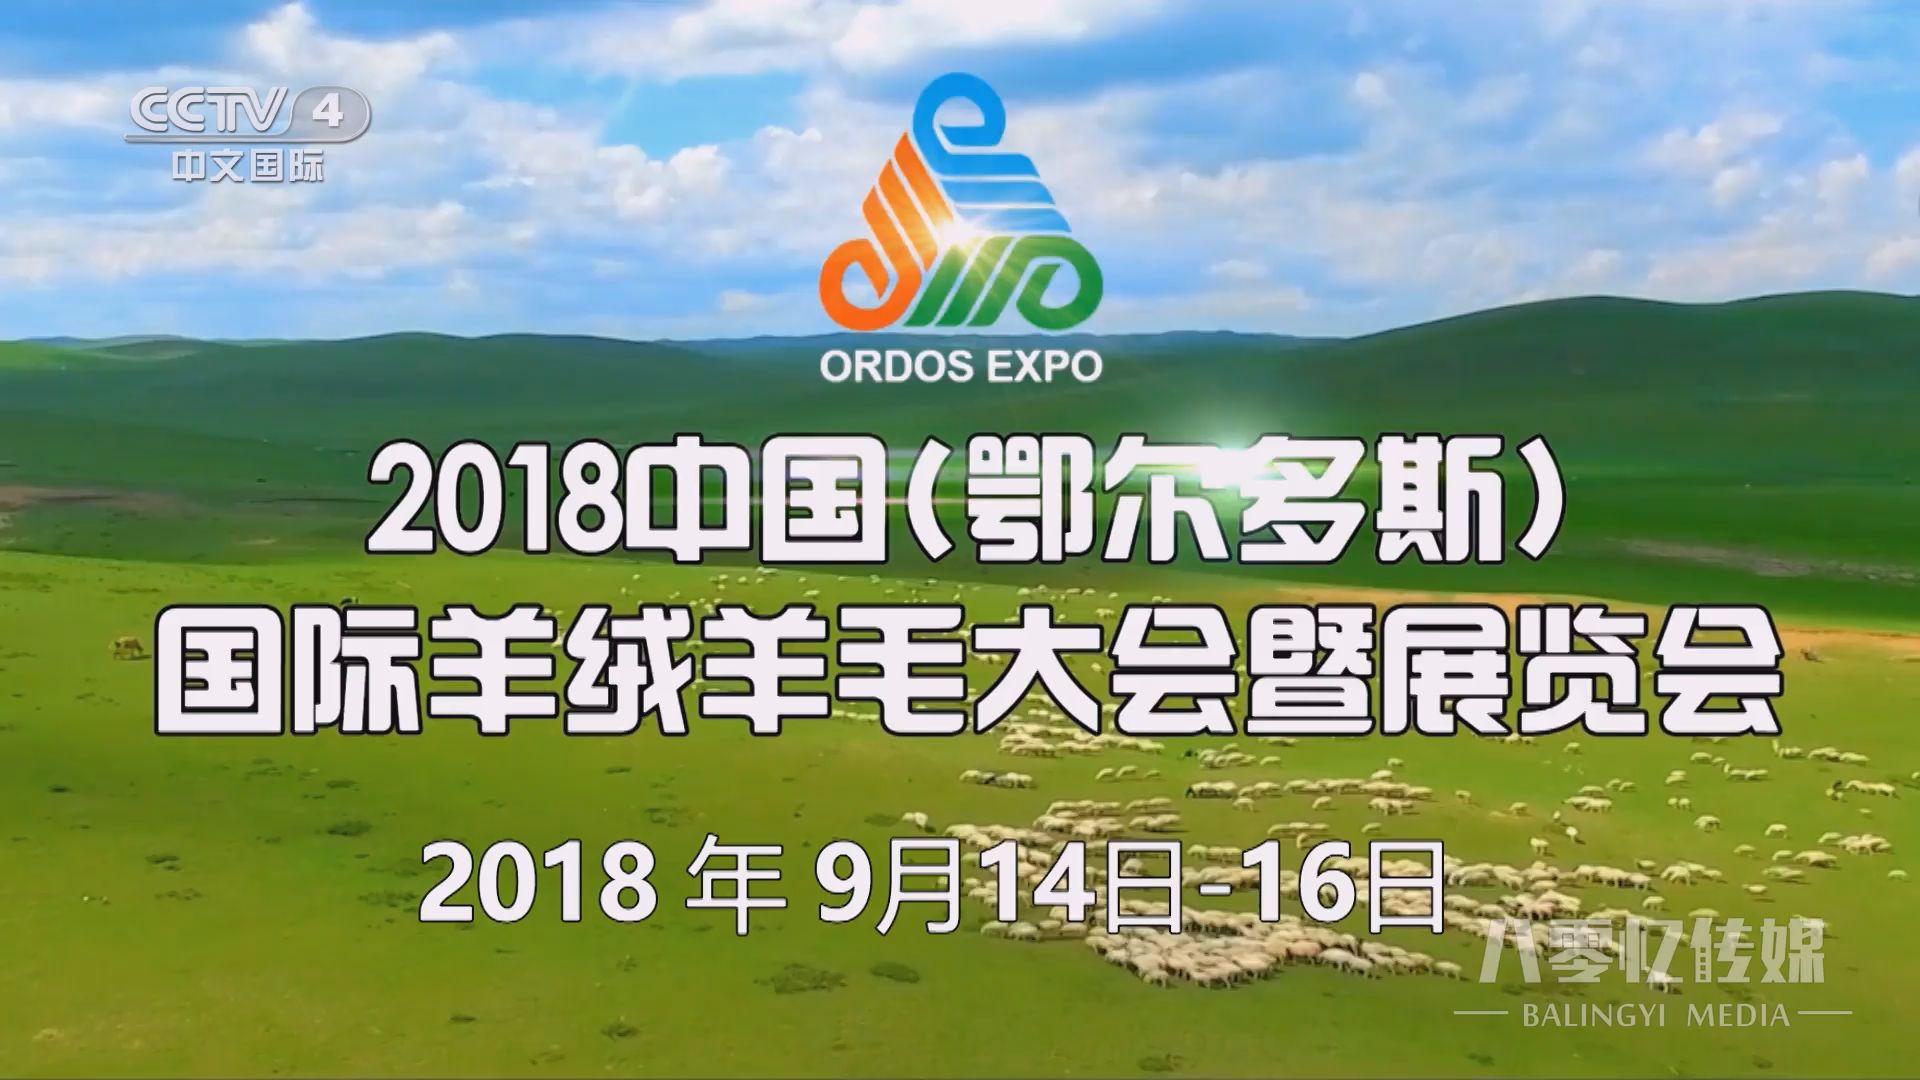 <b>2018鄂尔多斯国际羊绒羊毛展览会</b>